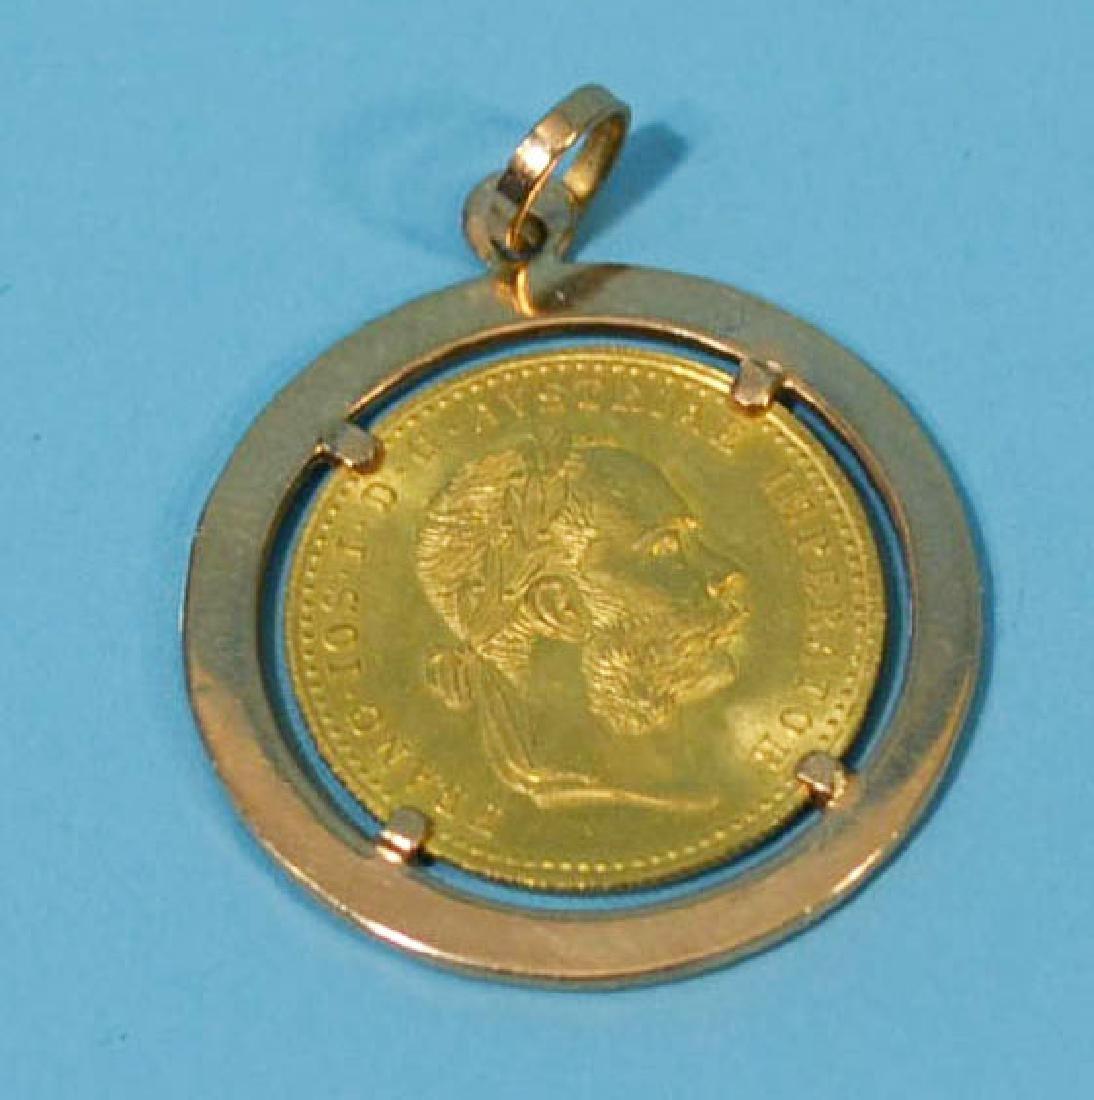 1915 AUSTRIAN 1 DUCAT GOLD COIN PENDENT